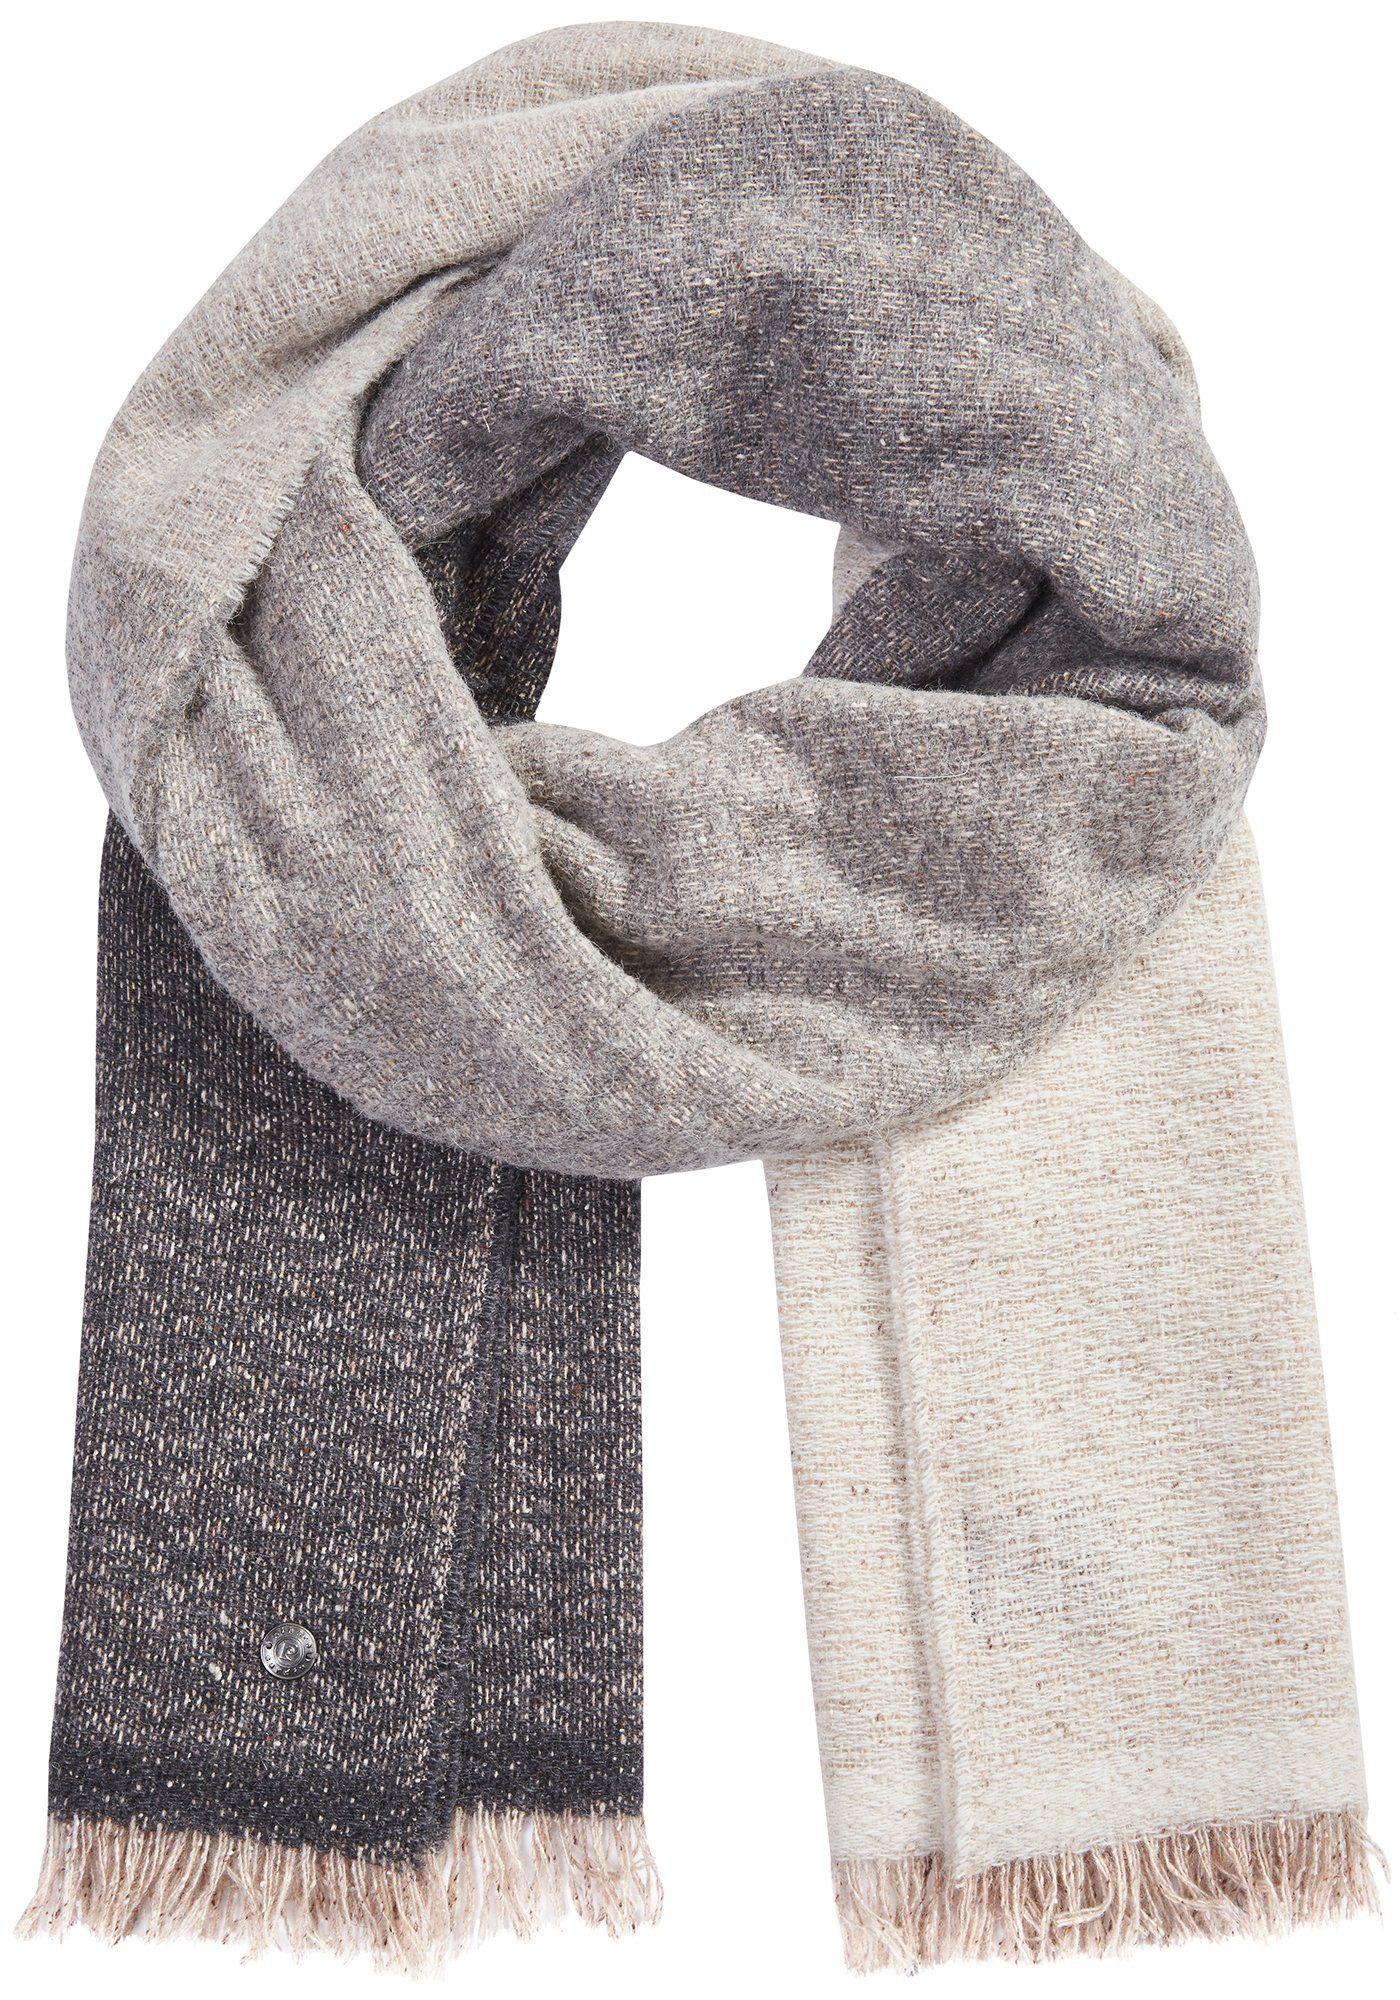 PIERRE CARDIN Schal mit Farbverlauf aus Alpaka/Woll-Mix